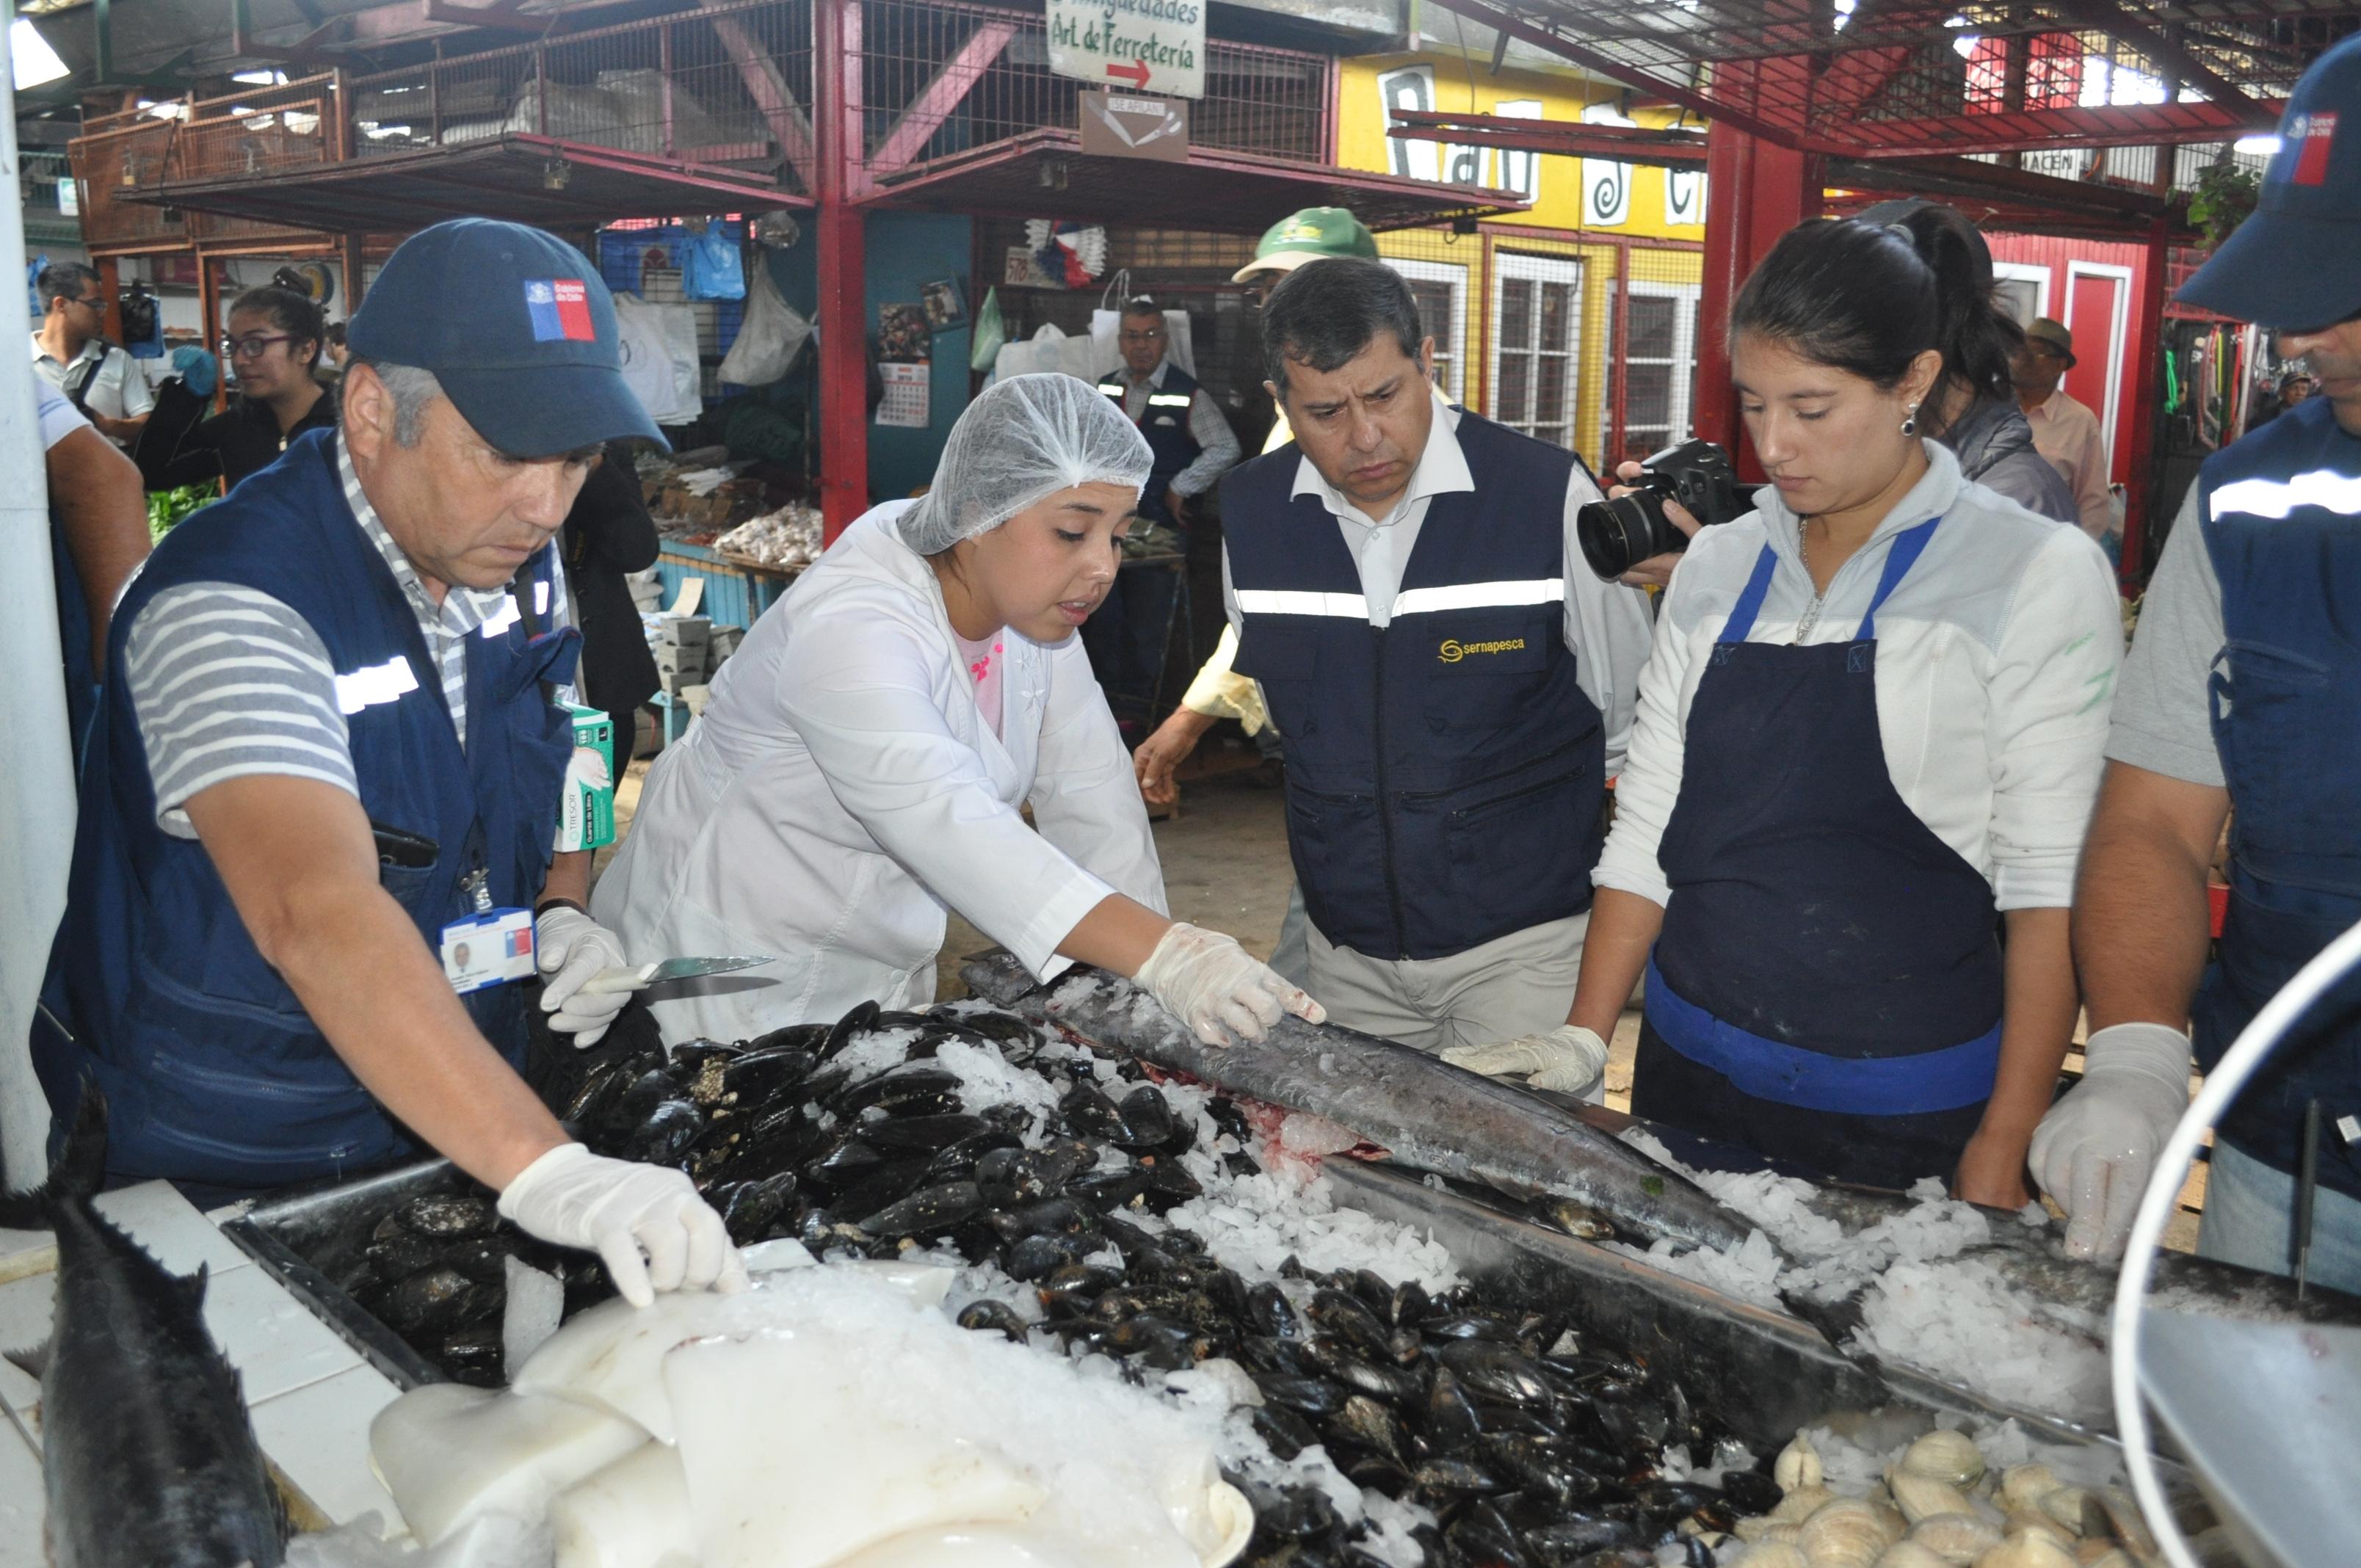 Seremi de Salud y Sernapesca refuerzan compra de pescados y mariscos en lugares autorizados